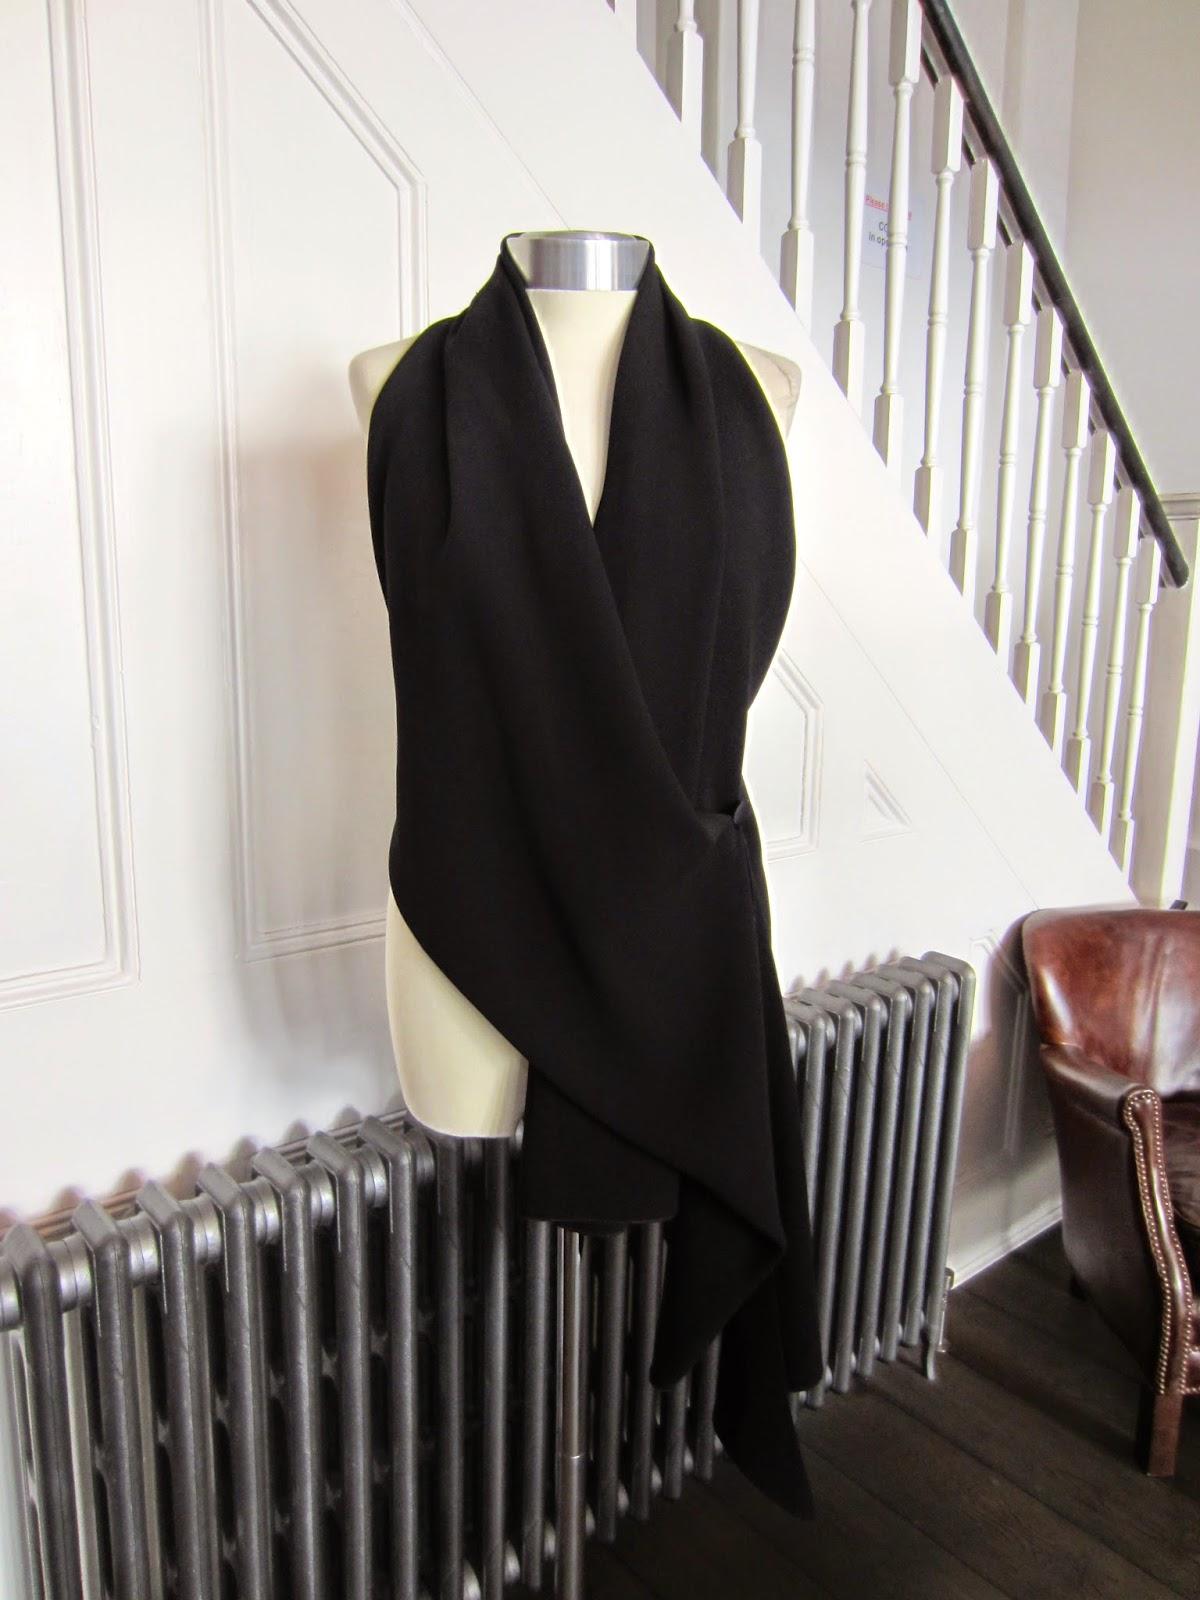 Celine Black Crepe Waistcoat